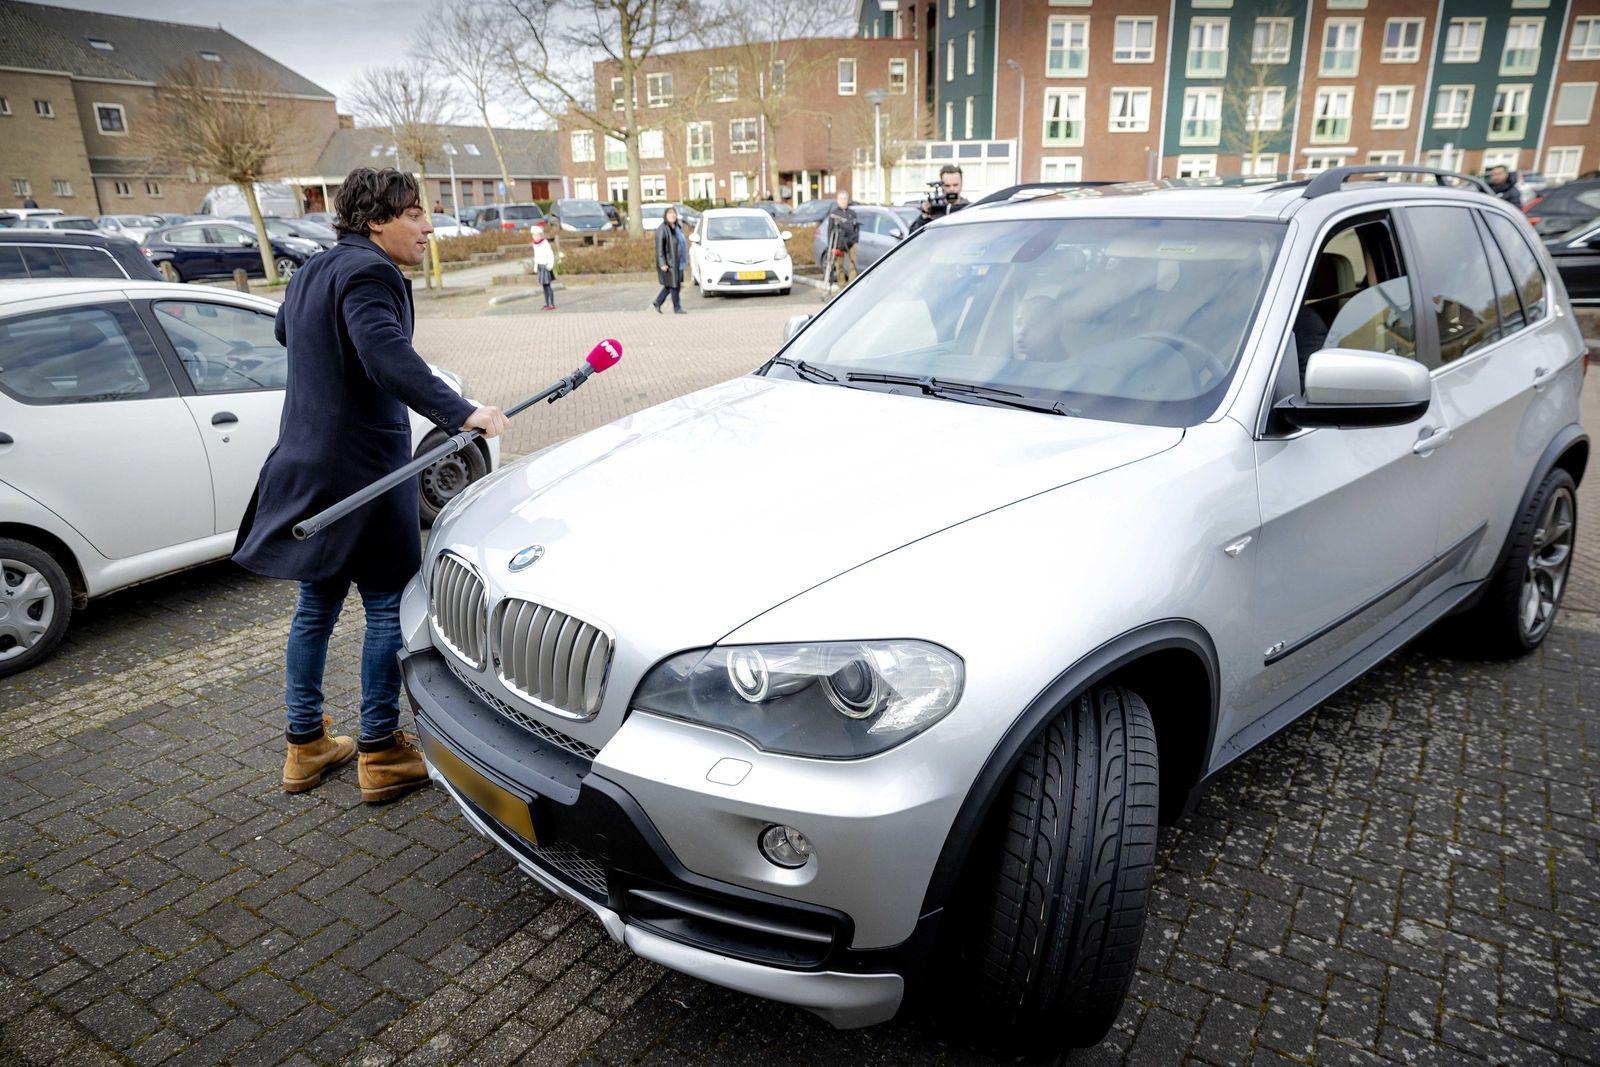 Kirchenbesucher greifen Journalisten an in den Niederlanden